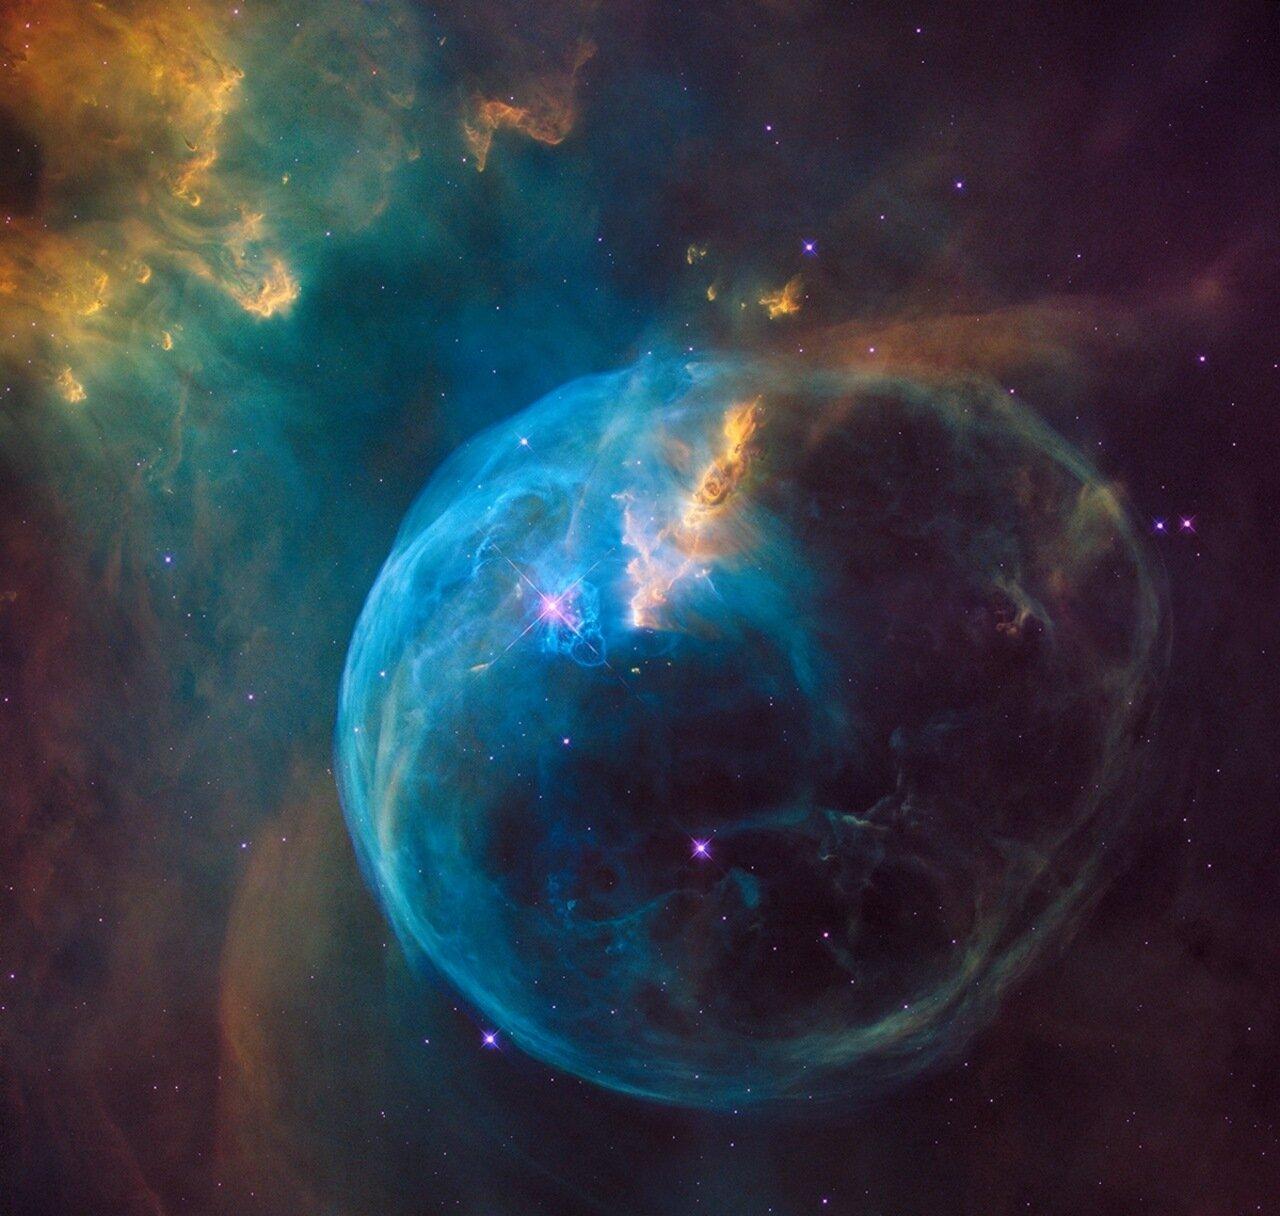 Туманность Пузырь 0_1e7738_7db4d9f4_XXXL